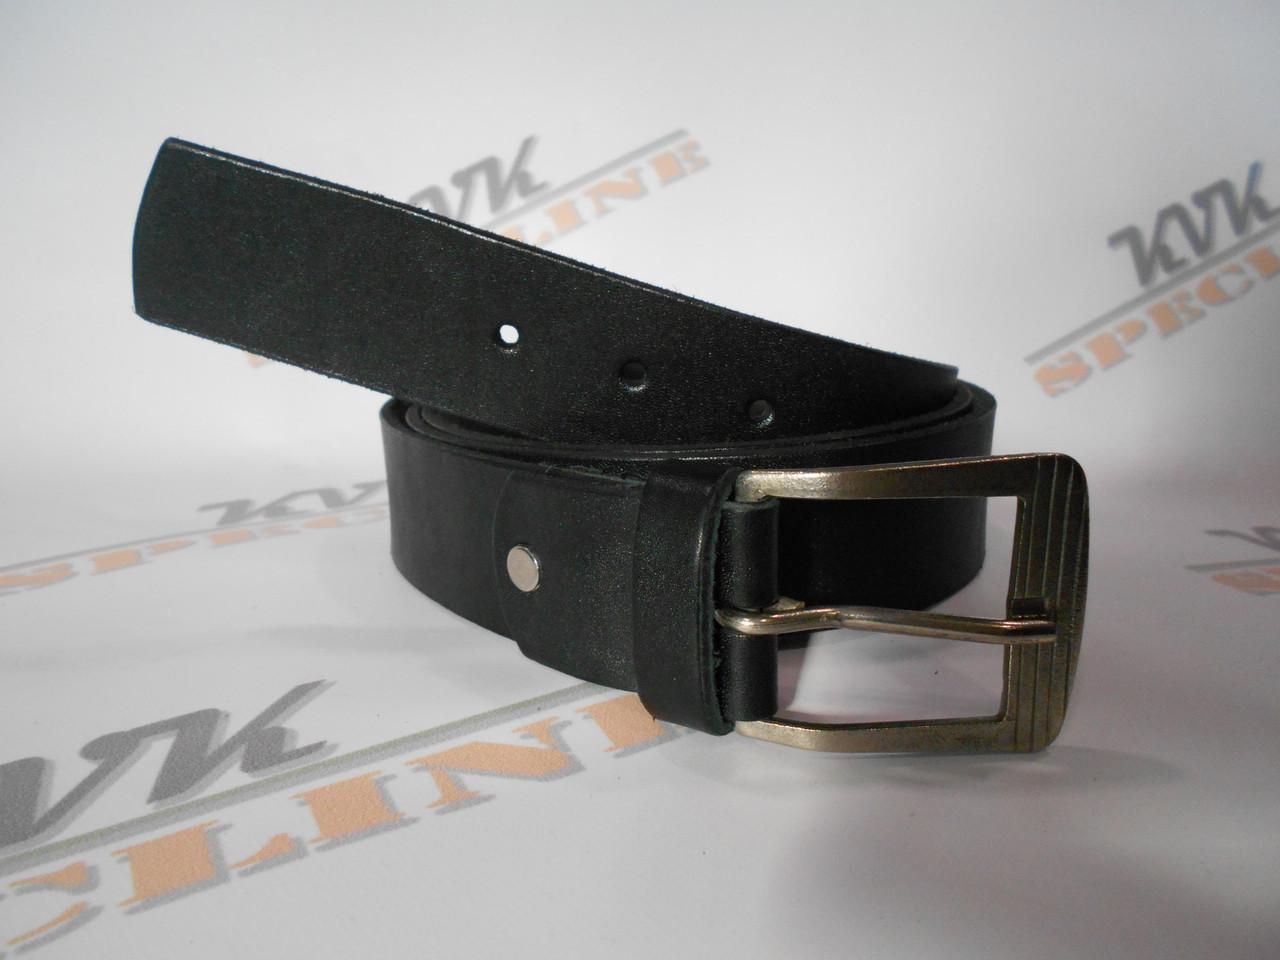 Ремень охранника классический черный (Арт. О1)